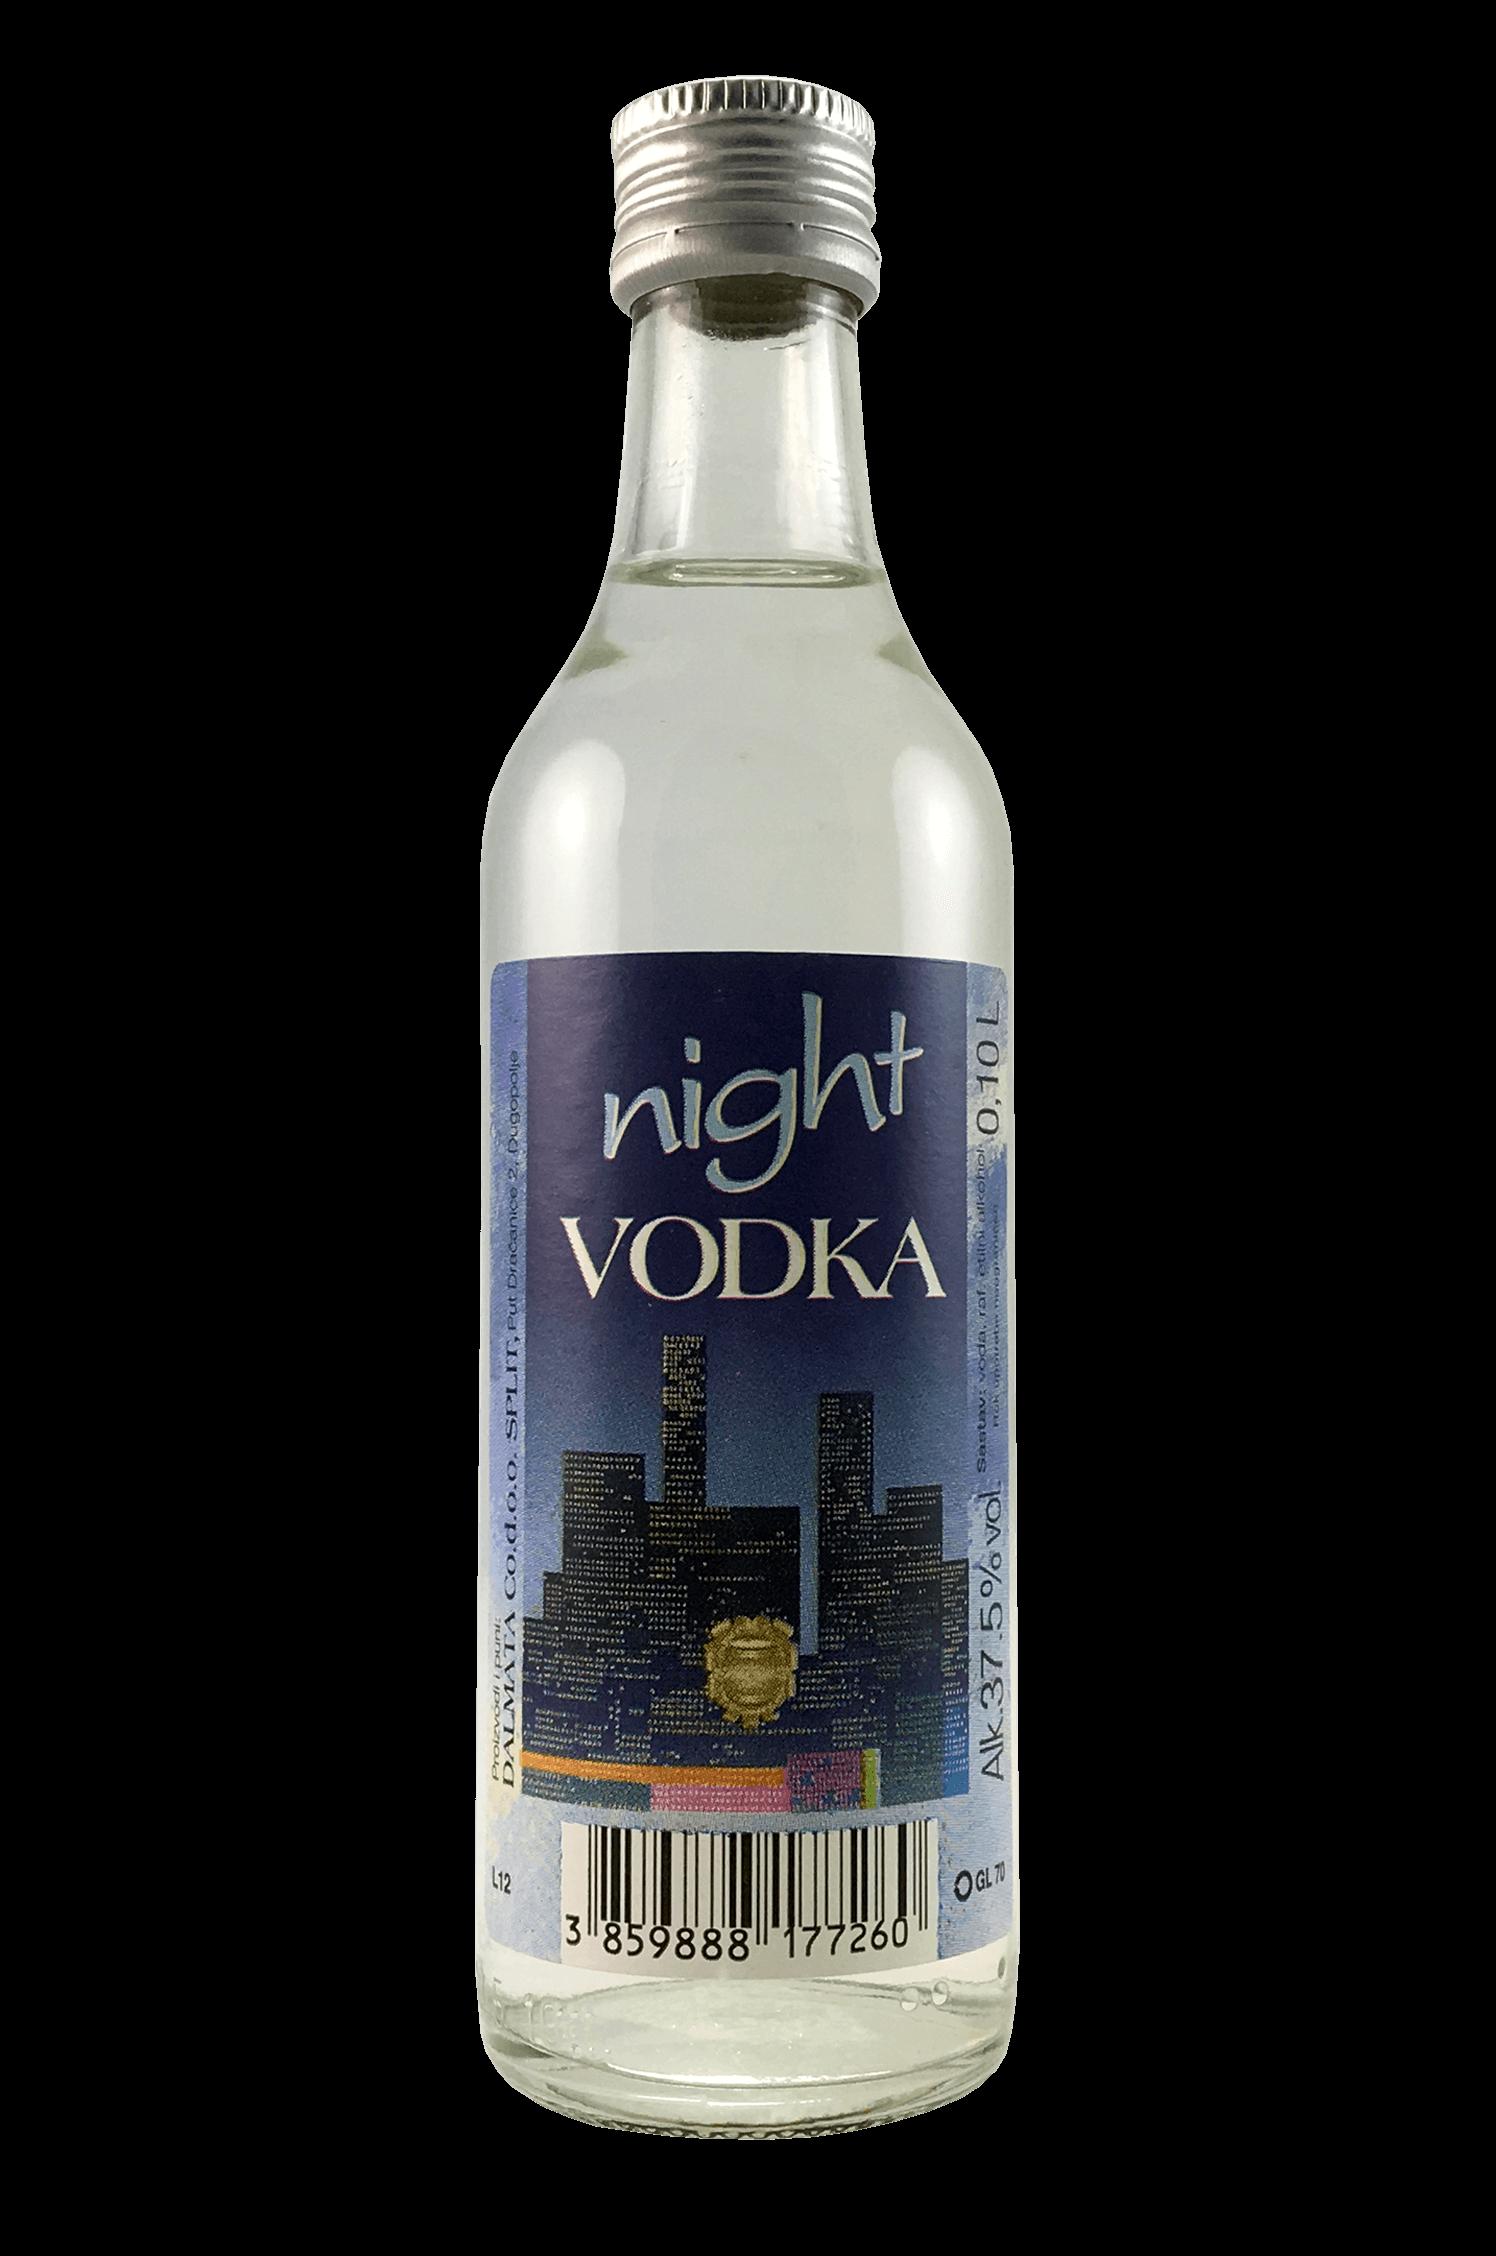 Night Vodka